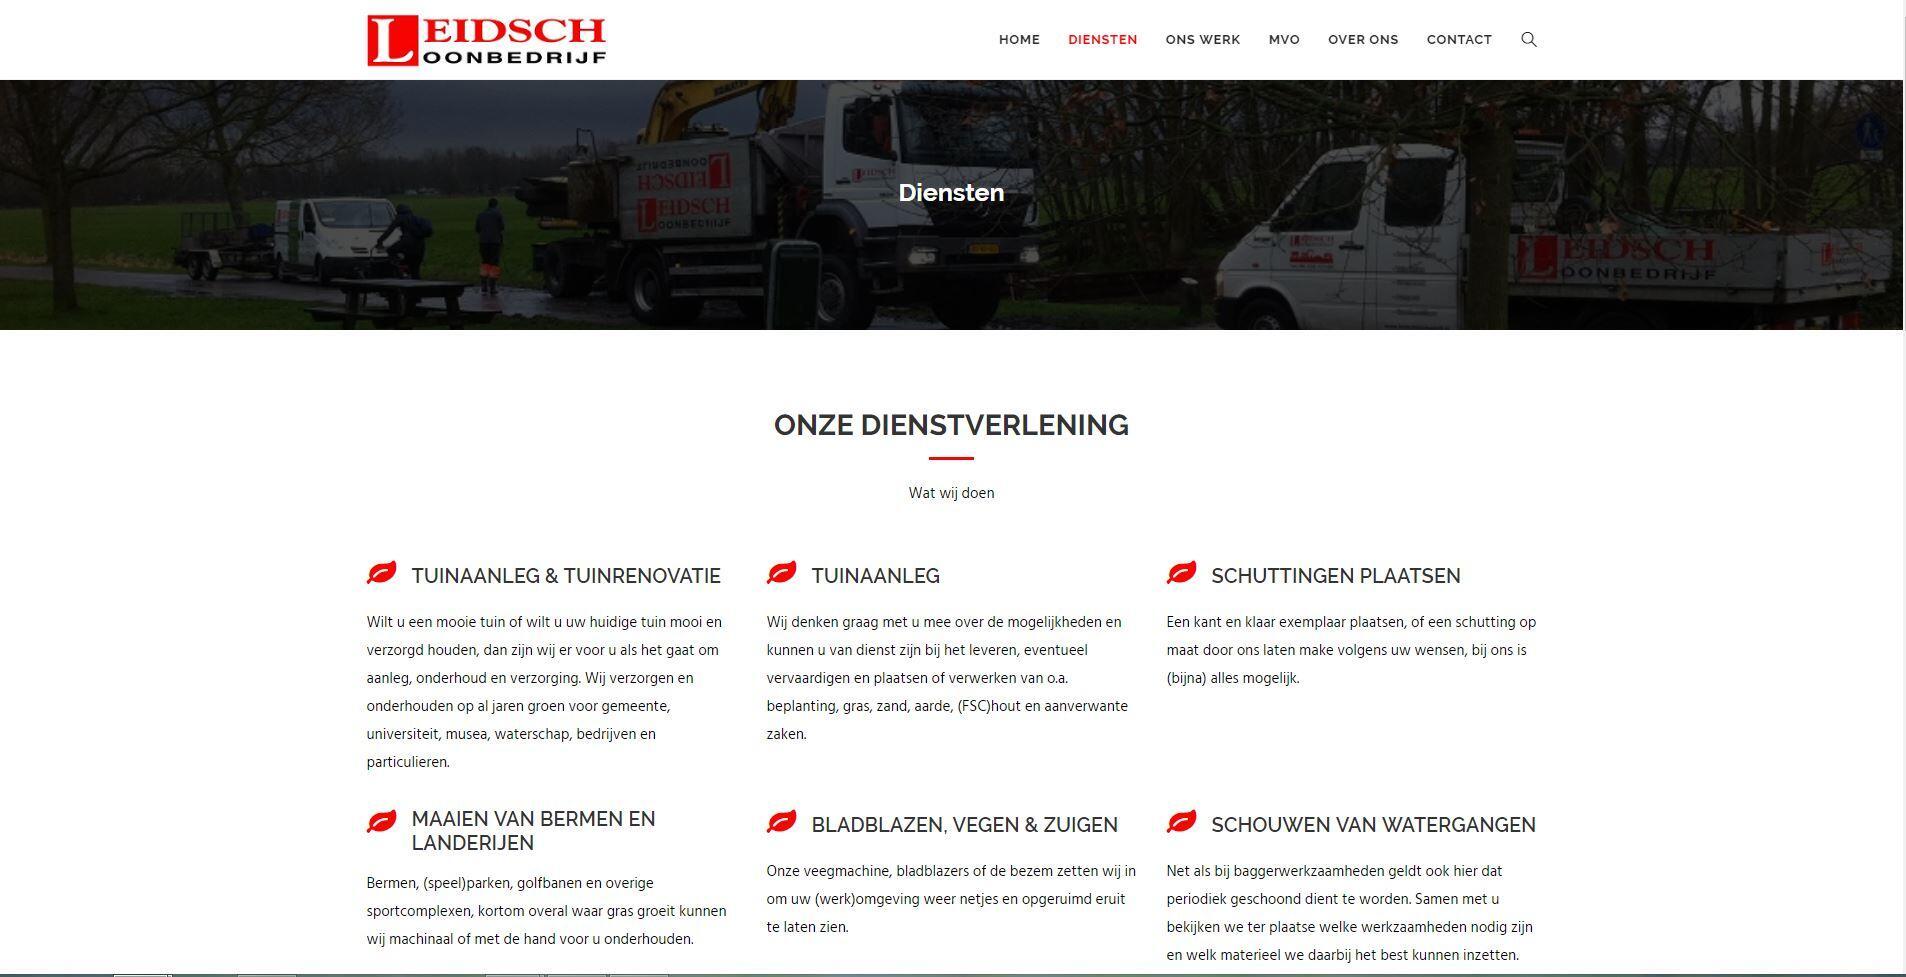 Leidsch Loonbedrijf website